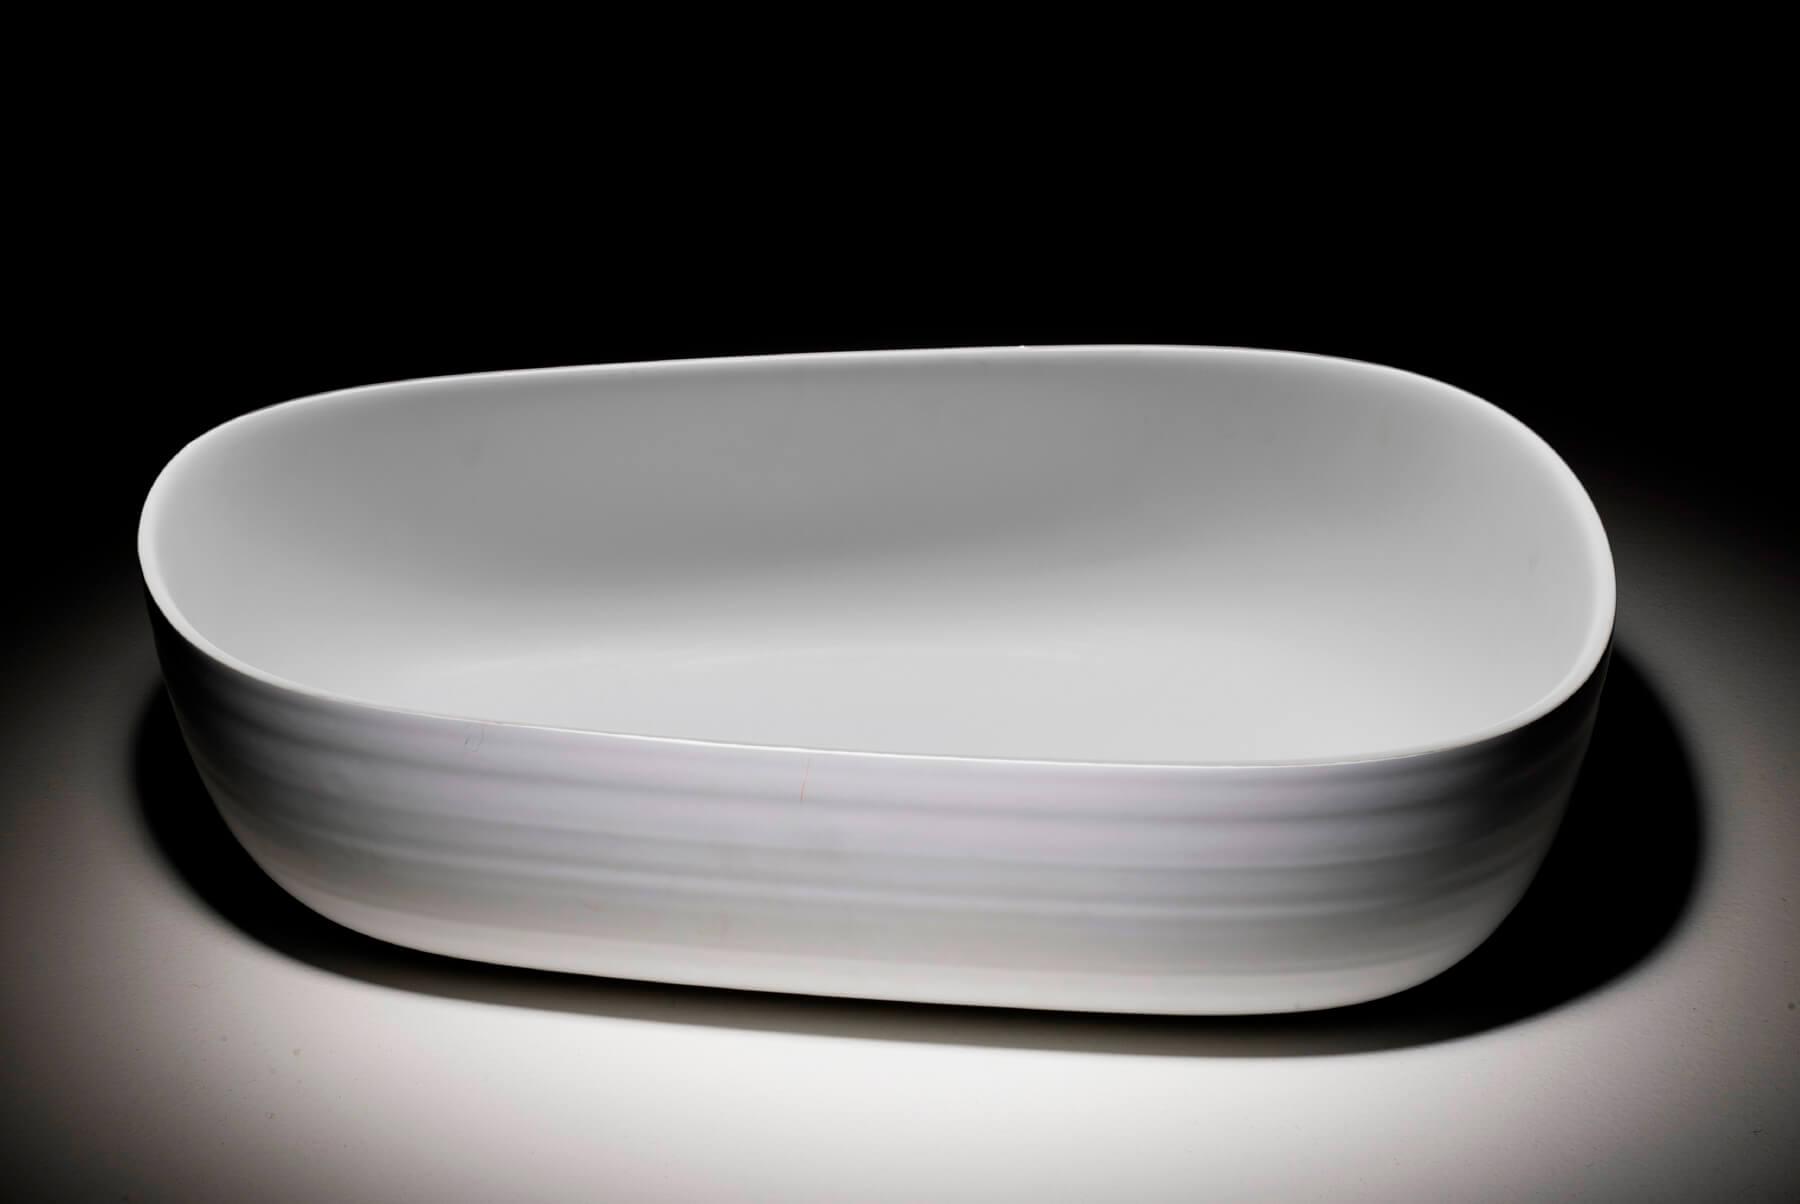 Bath-Tubs-Falper-Handmade-basin-counter-1800x1204